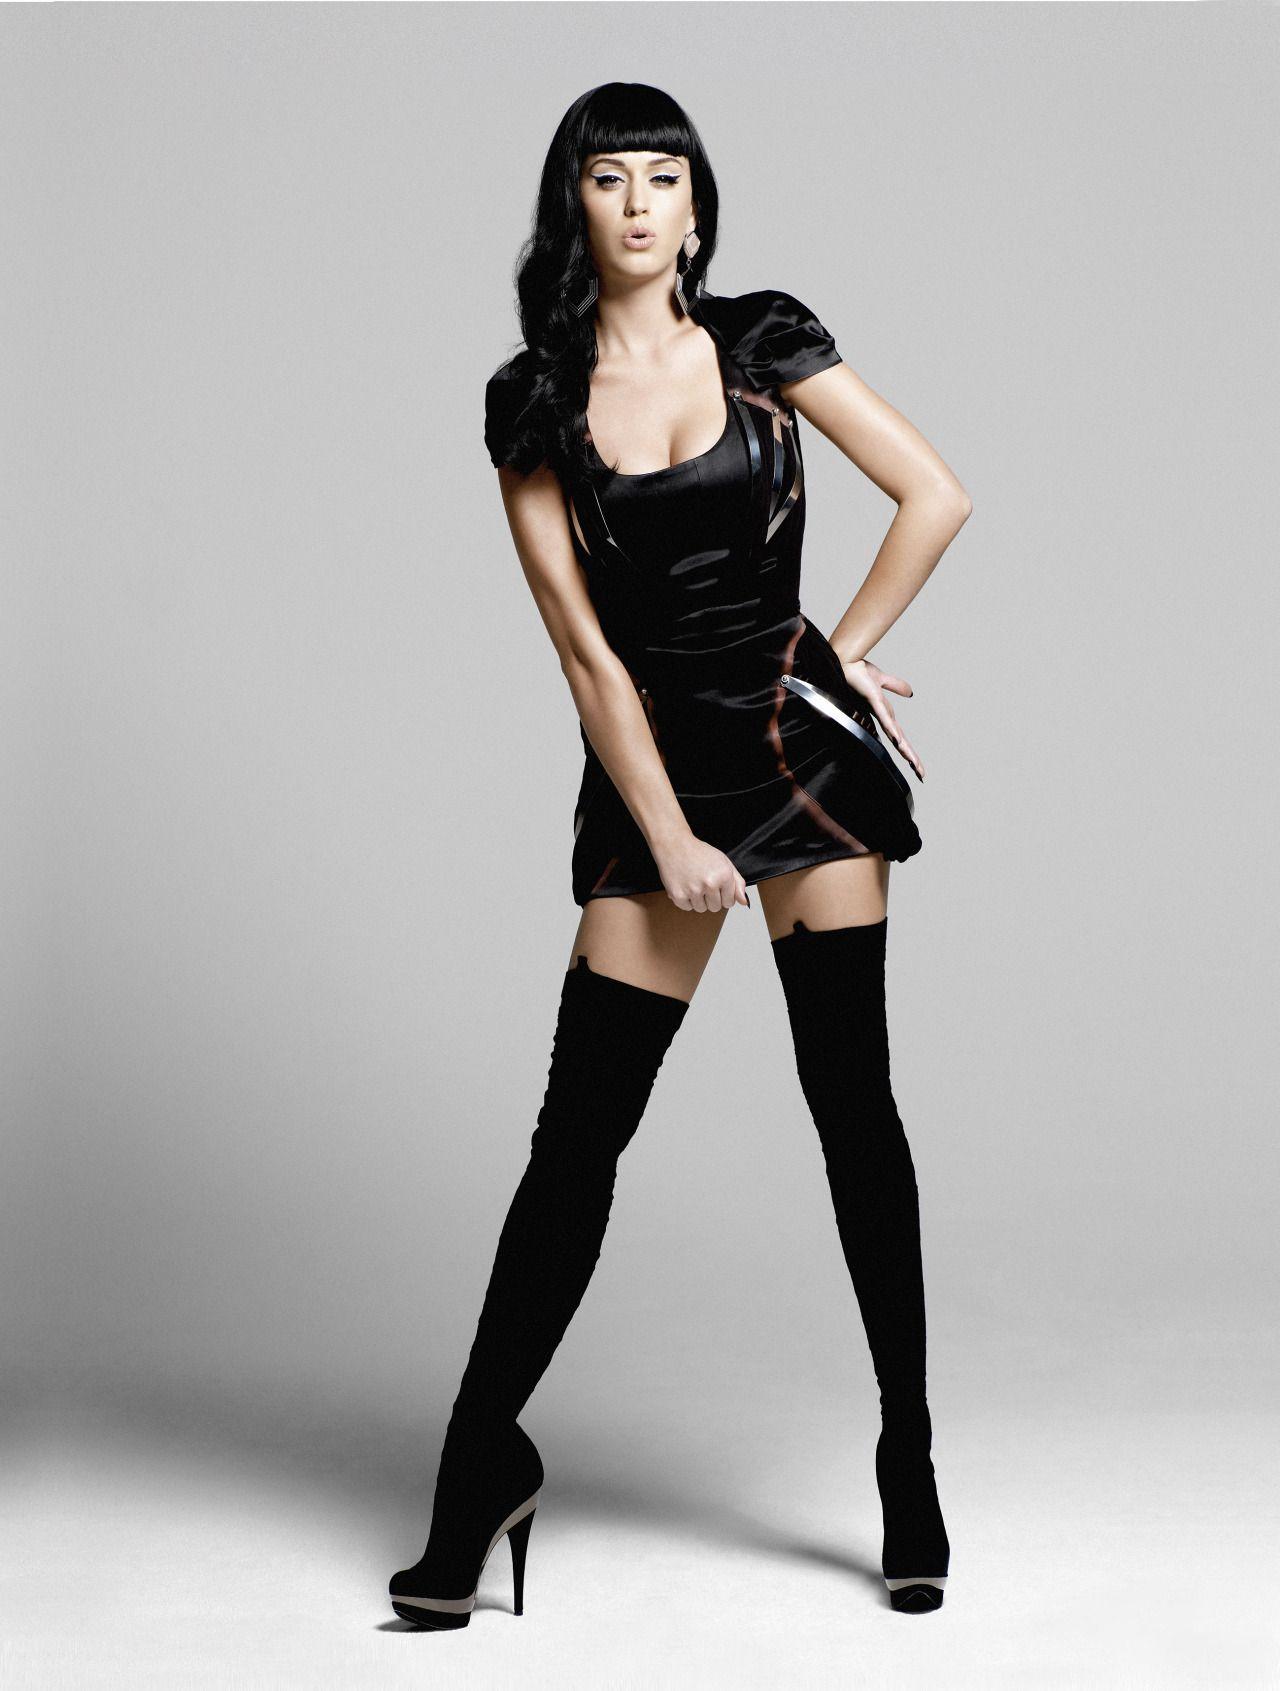 short skirt legs stockings Long